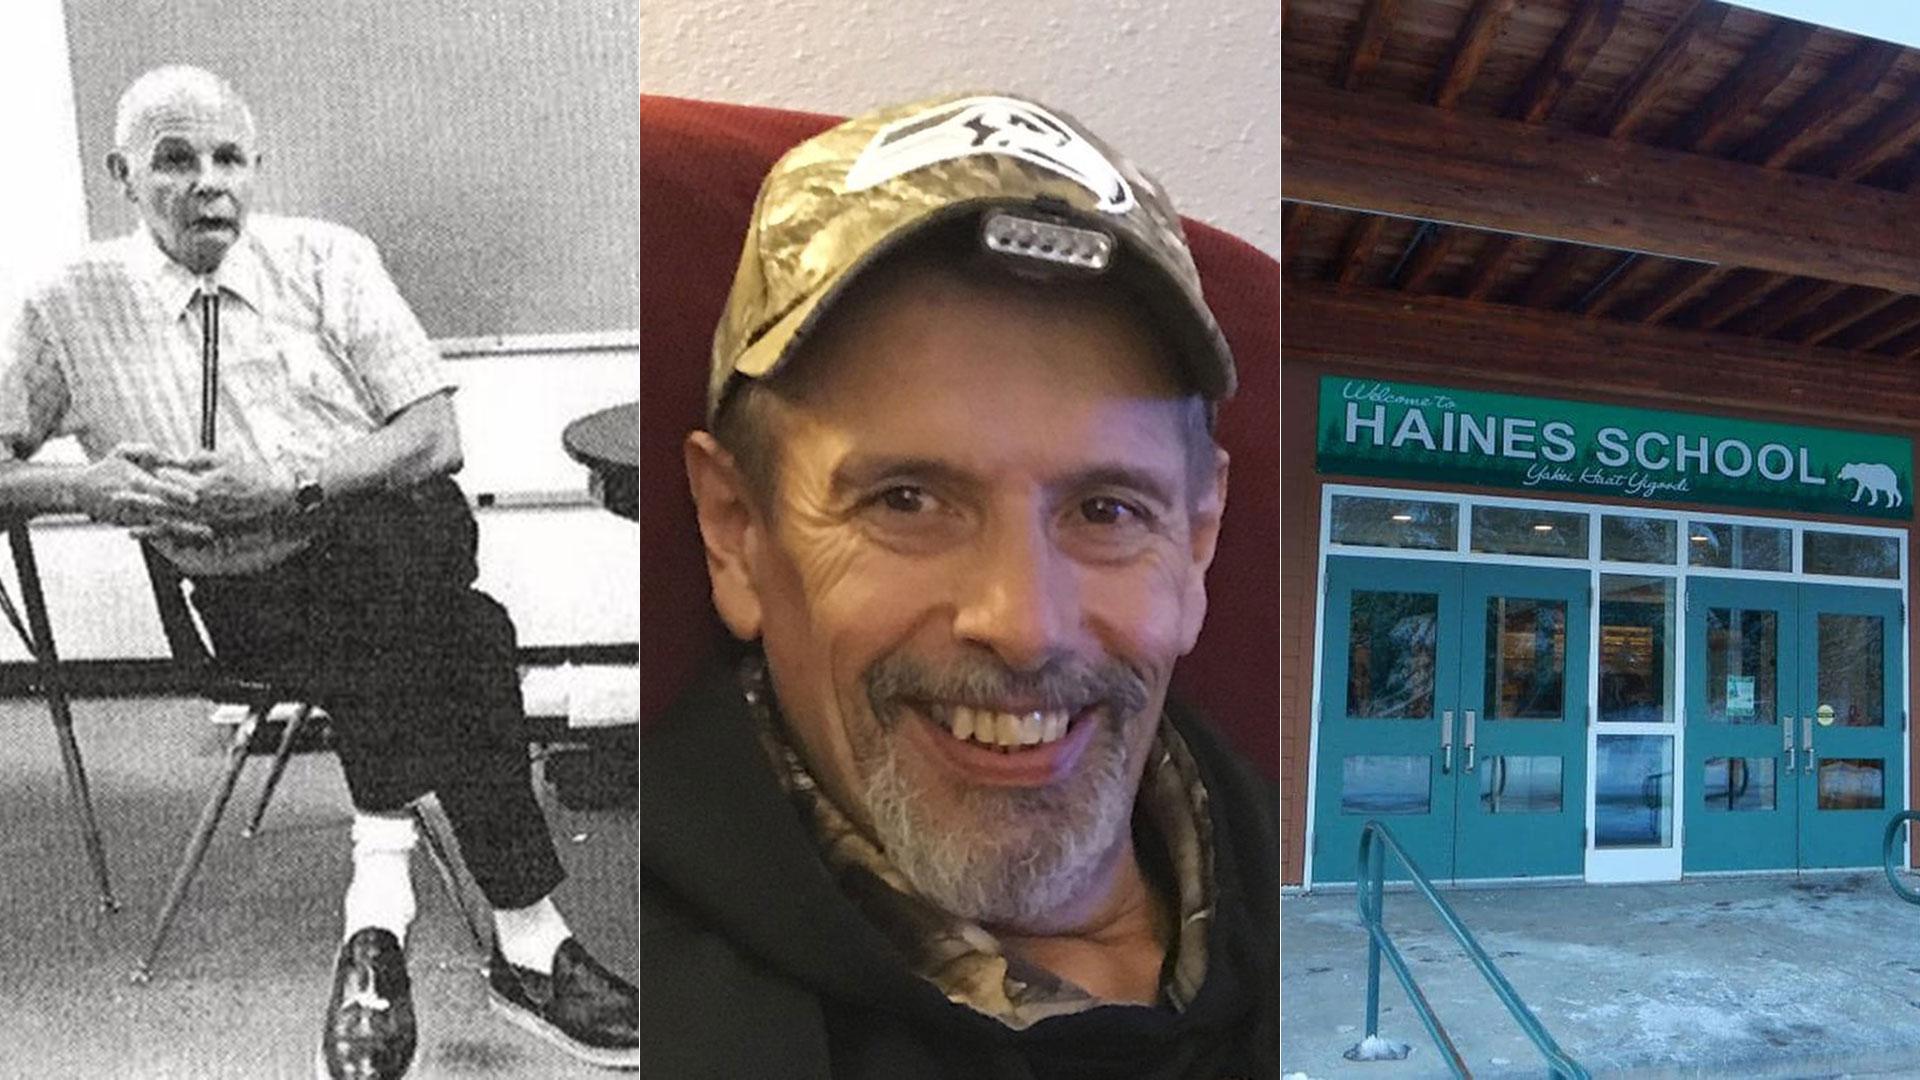 Karl Ward, Rick Martin y Haines High School, la institución donde se cometían los abusos infantiles en Alaska